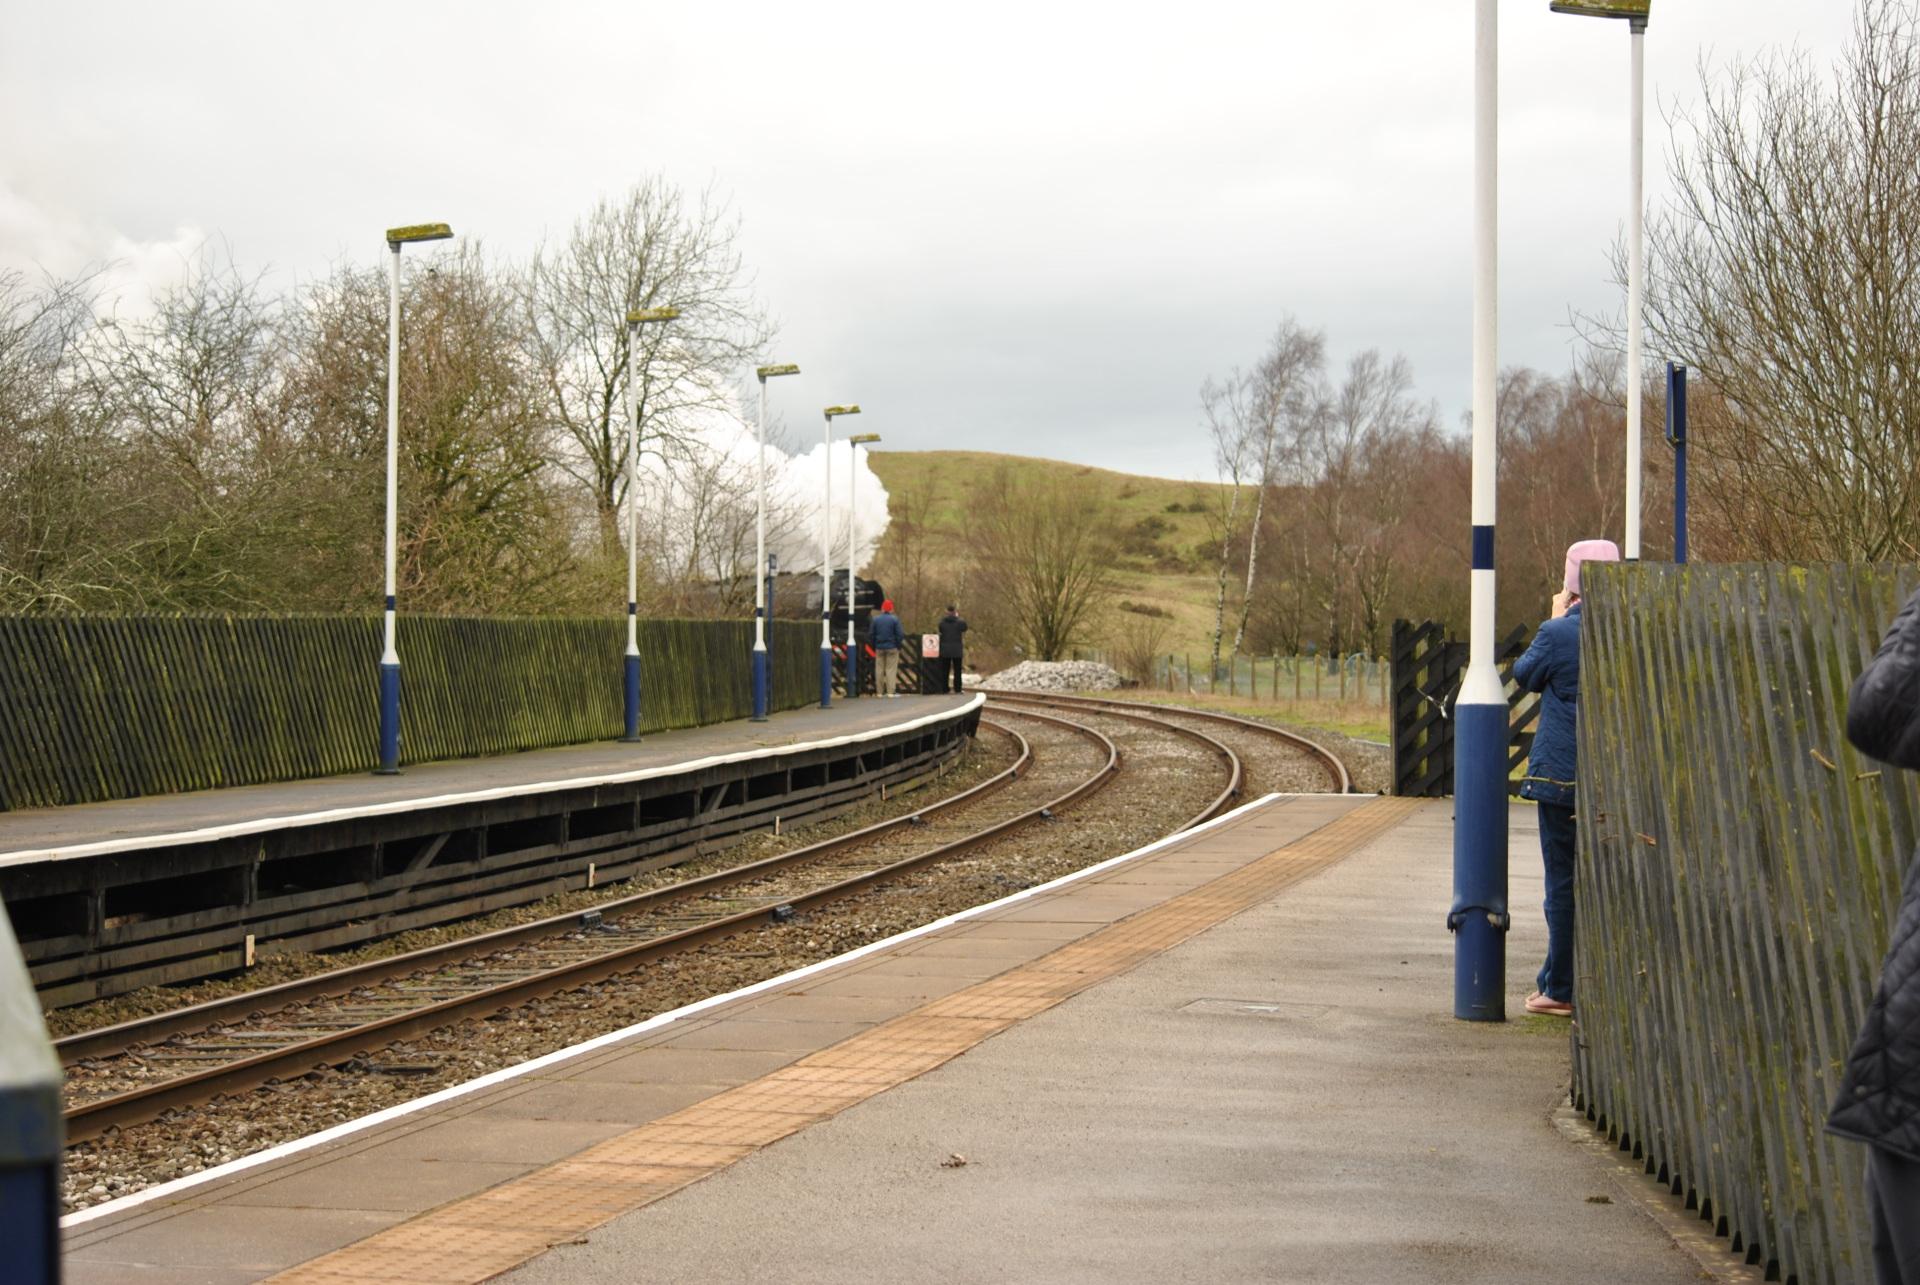 Flying Scotsman, Engine, steam train, test run, Clapham